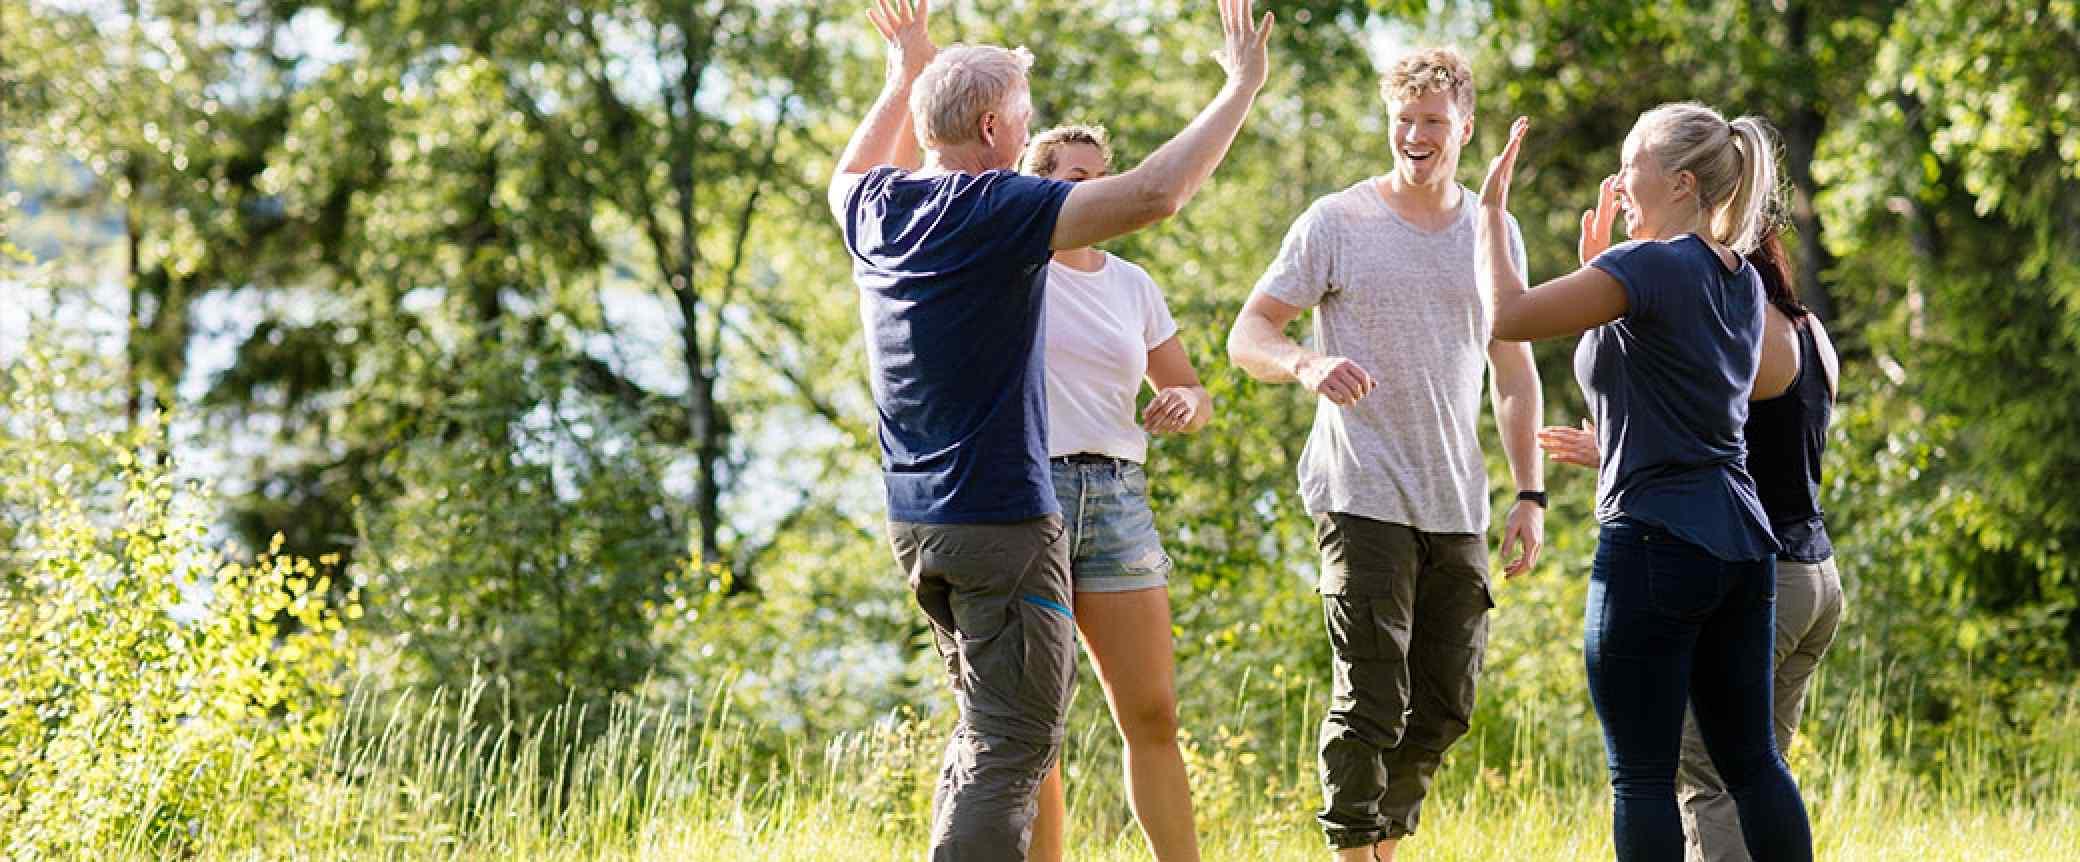 Outdoortraining: Teamleistung verbessern